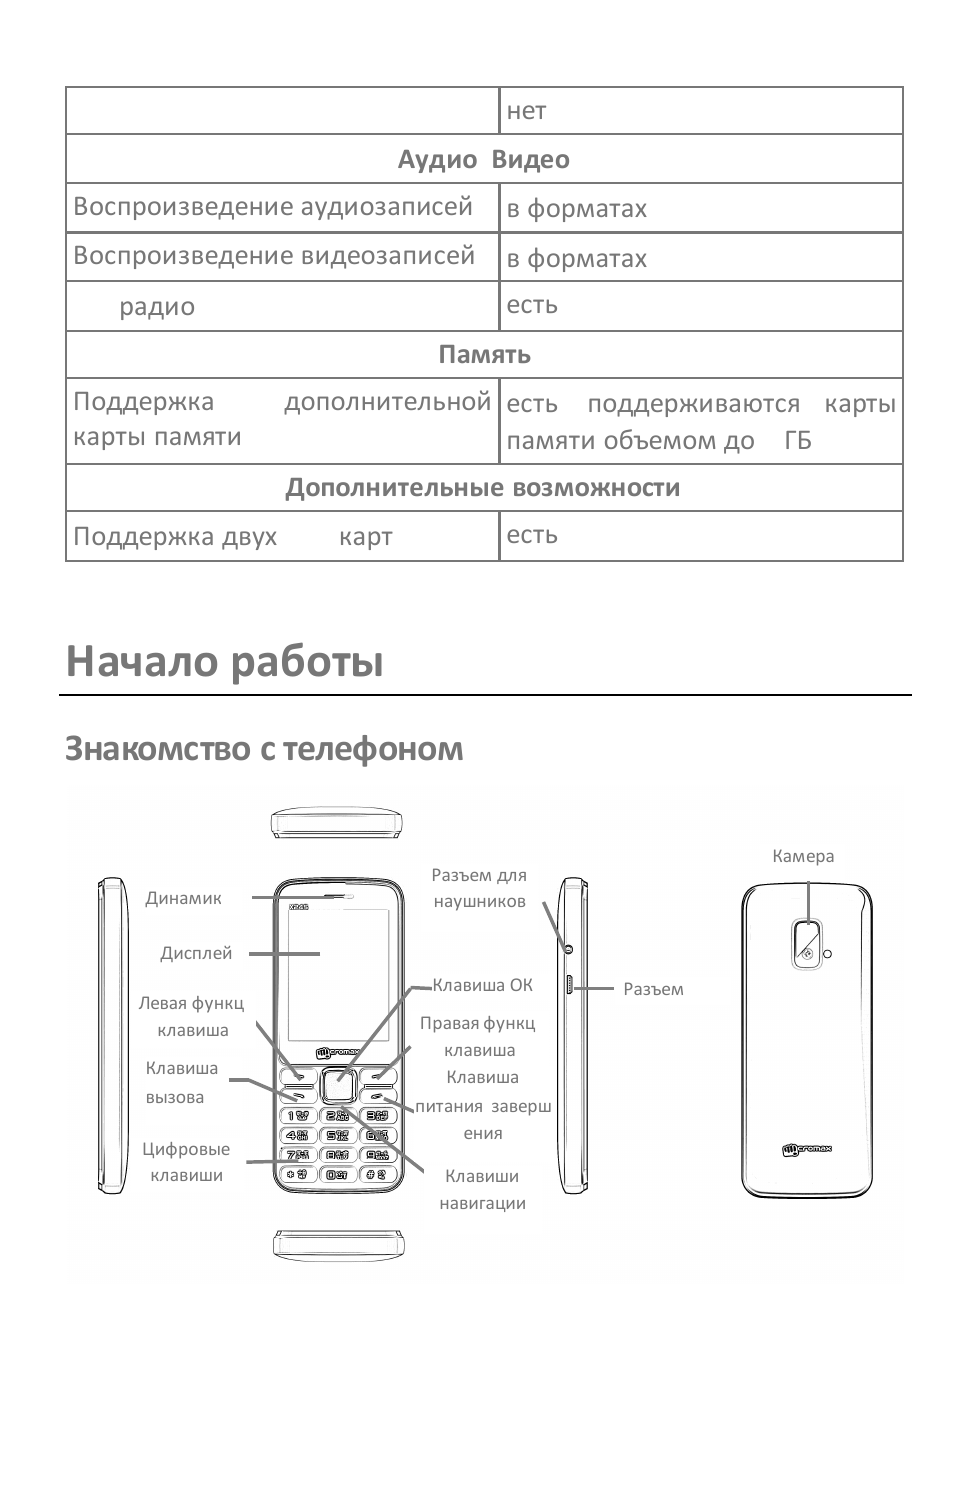 егорьевск знакомство с телефоном